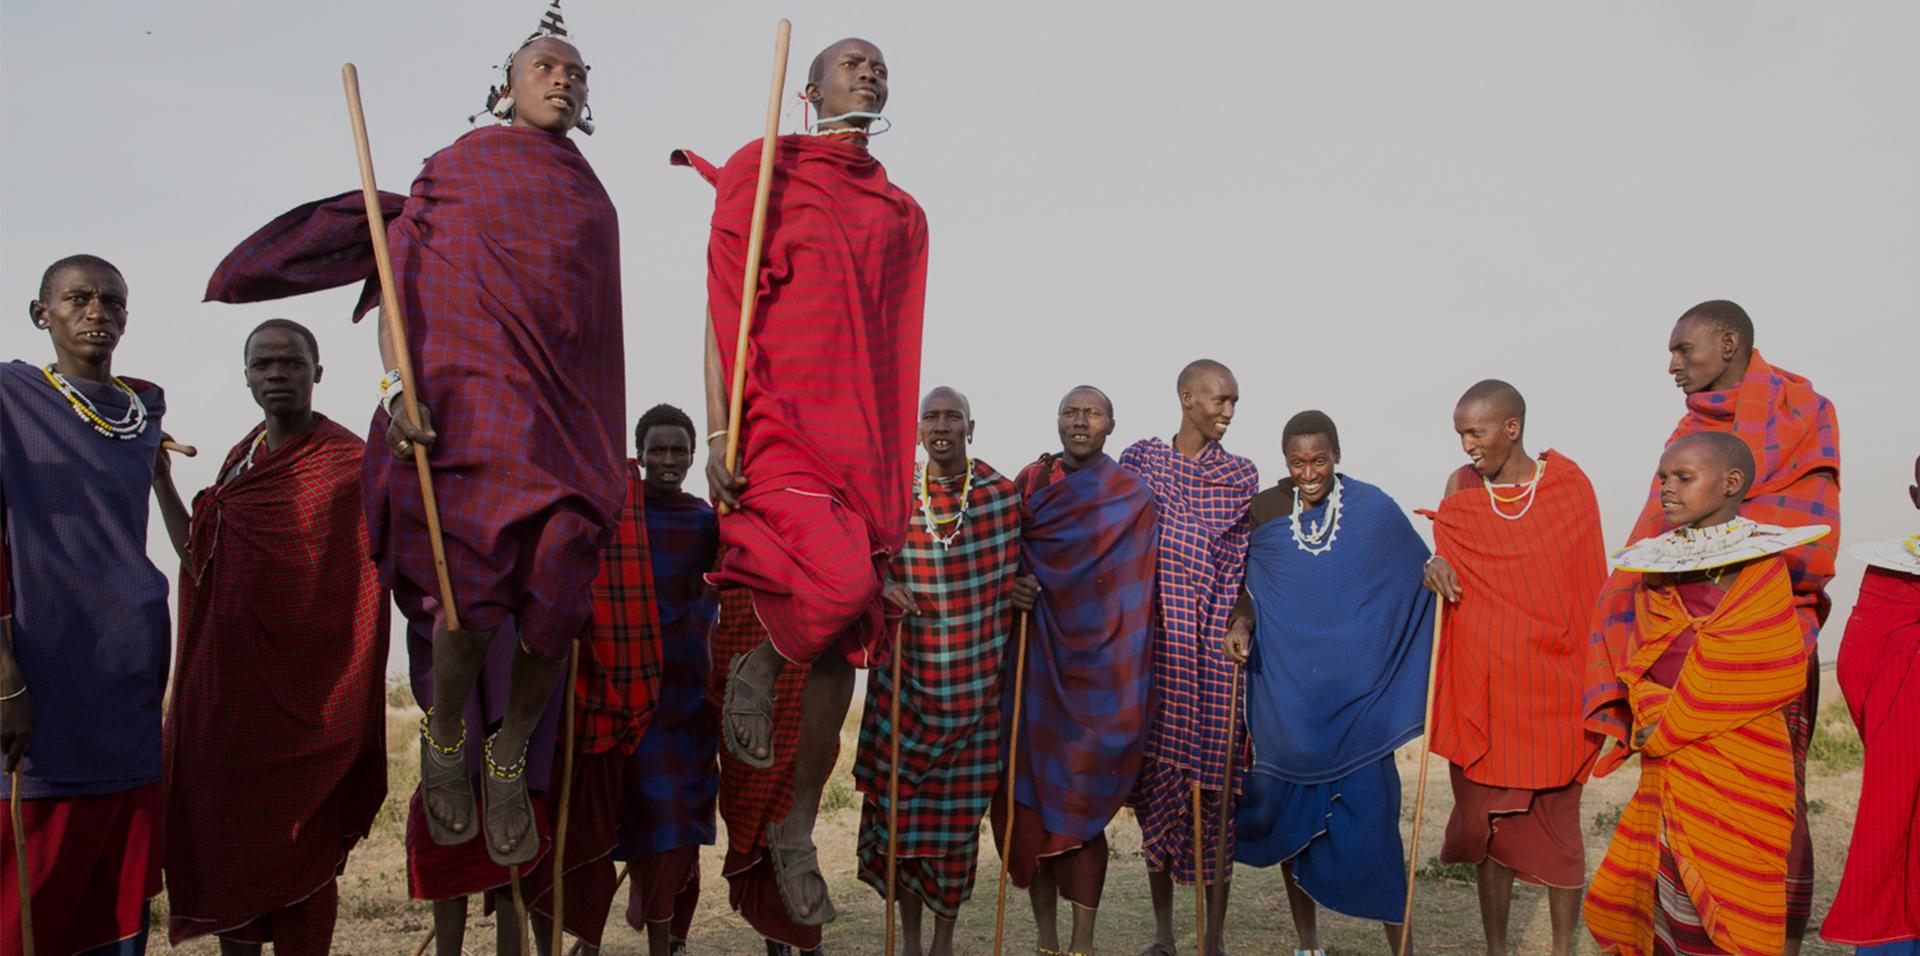 Explore the Greater Masai Mara with Asilia